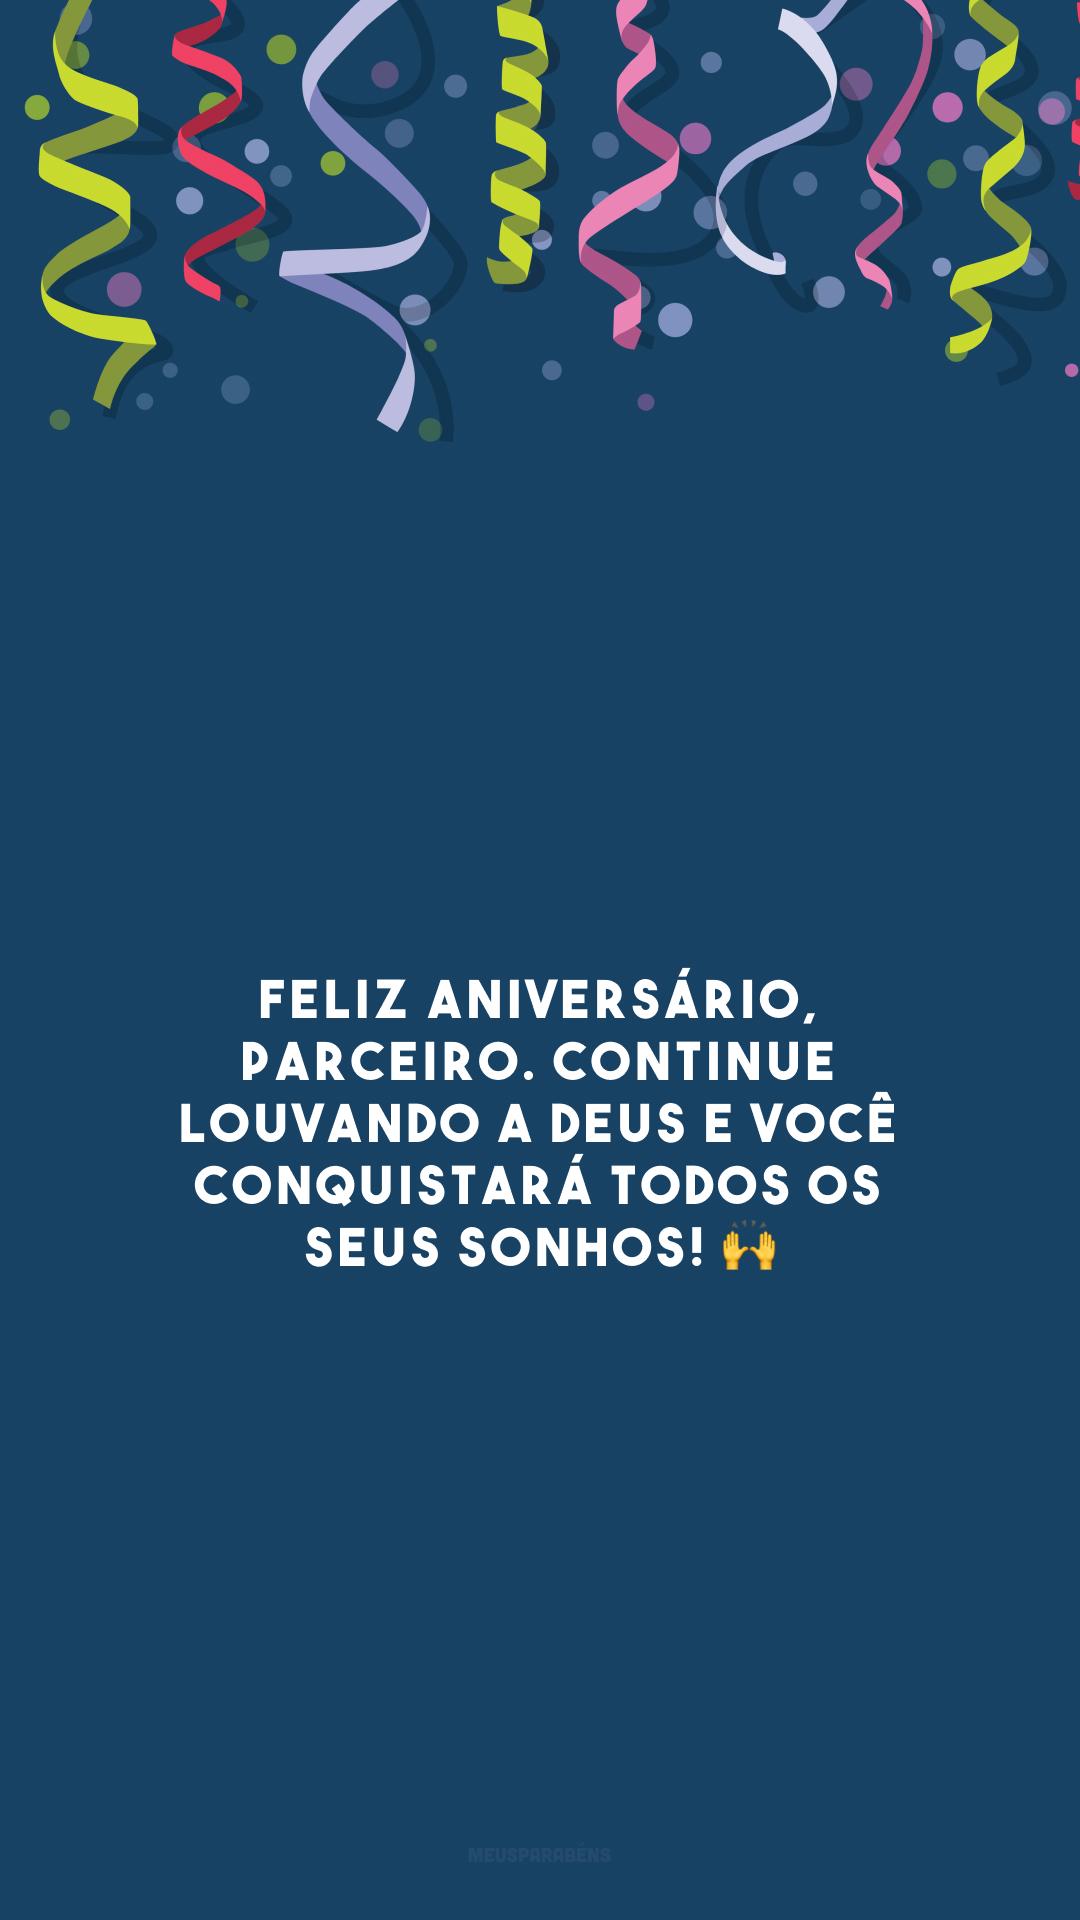 Feliz aniversário, parceiro. Continue louvando a Deus e você conquistará todos os seus sonhos! 🙌